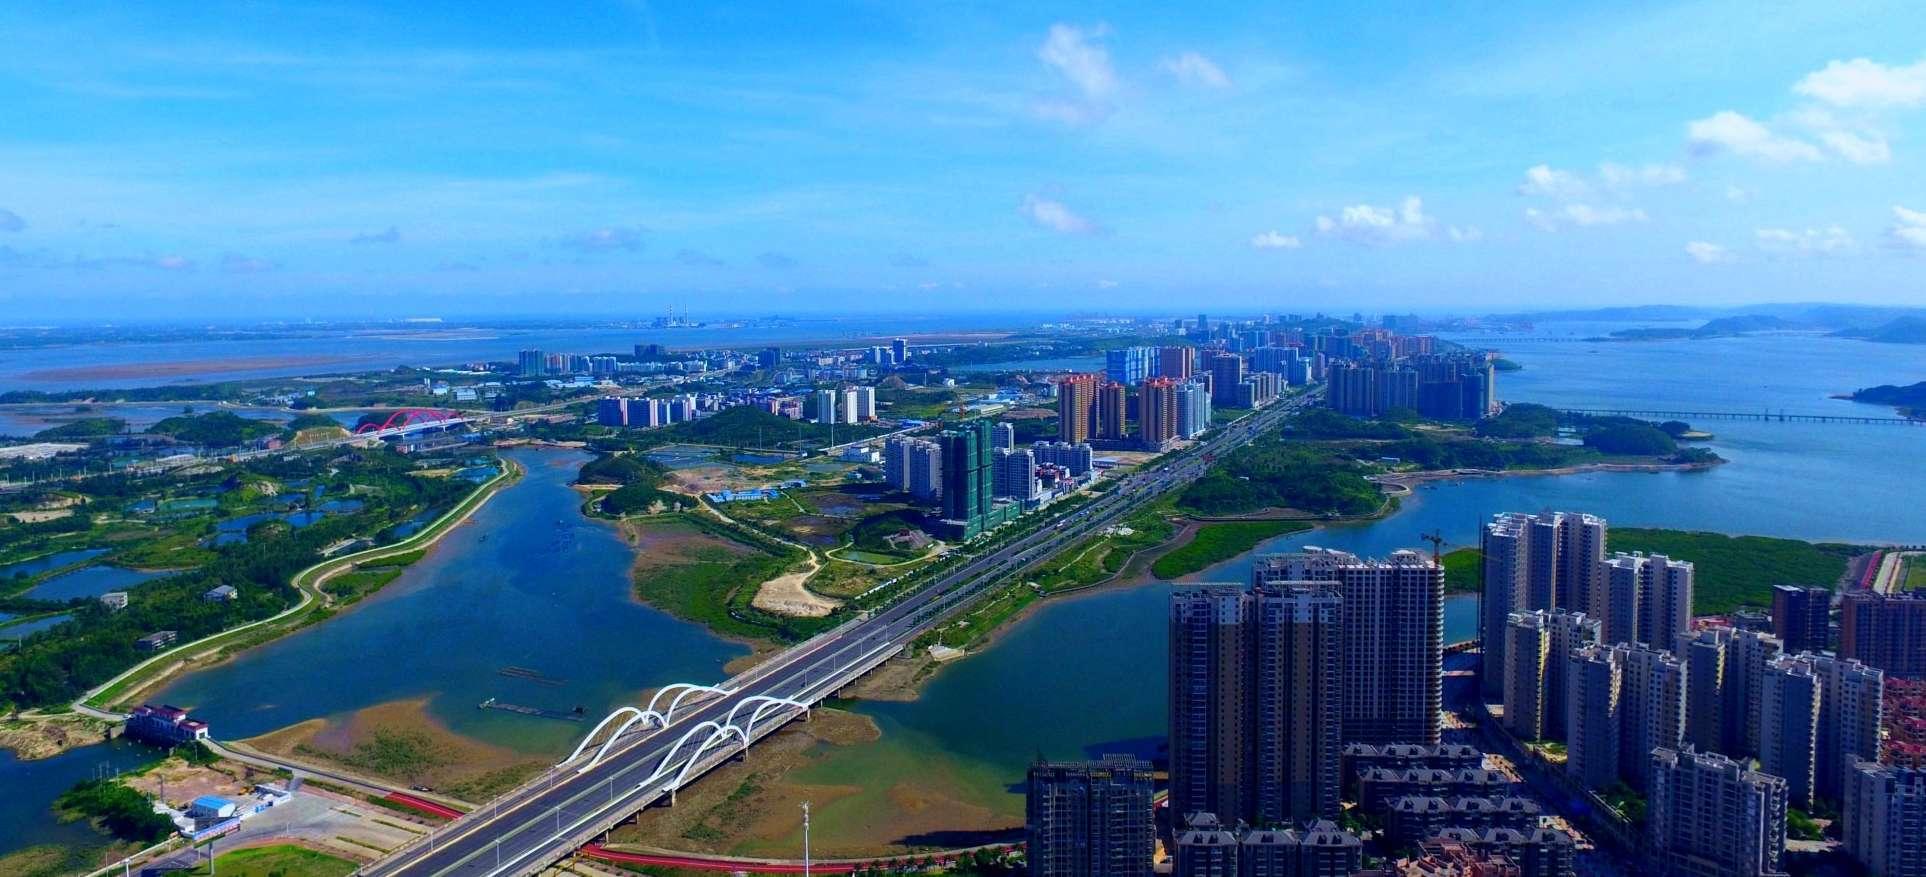 防城港市港口区,南方有良港,海滨起新城